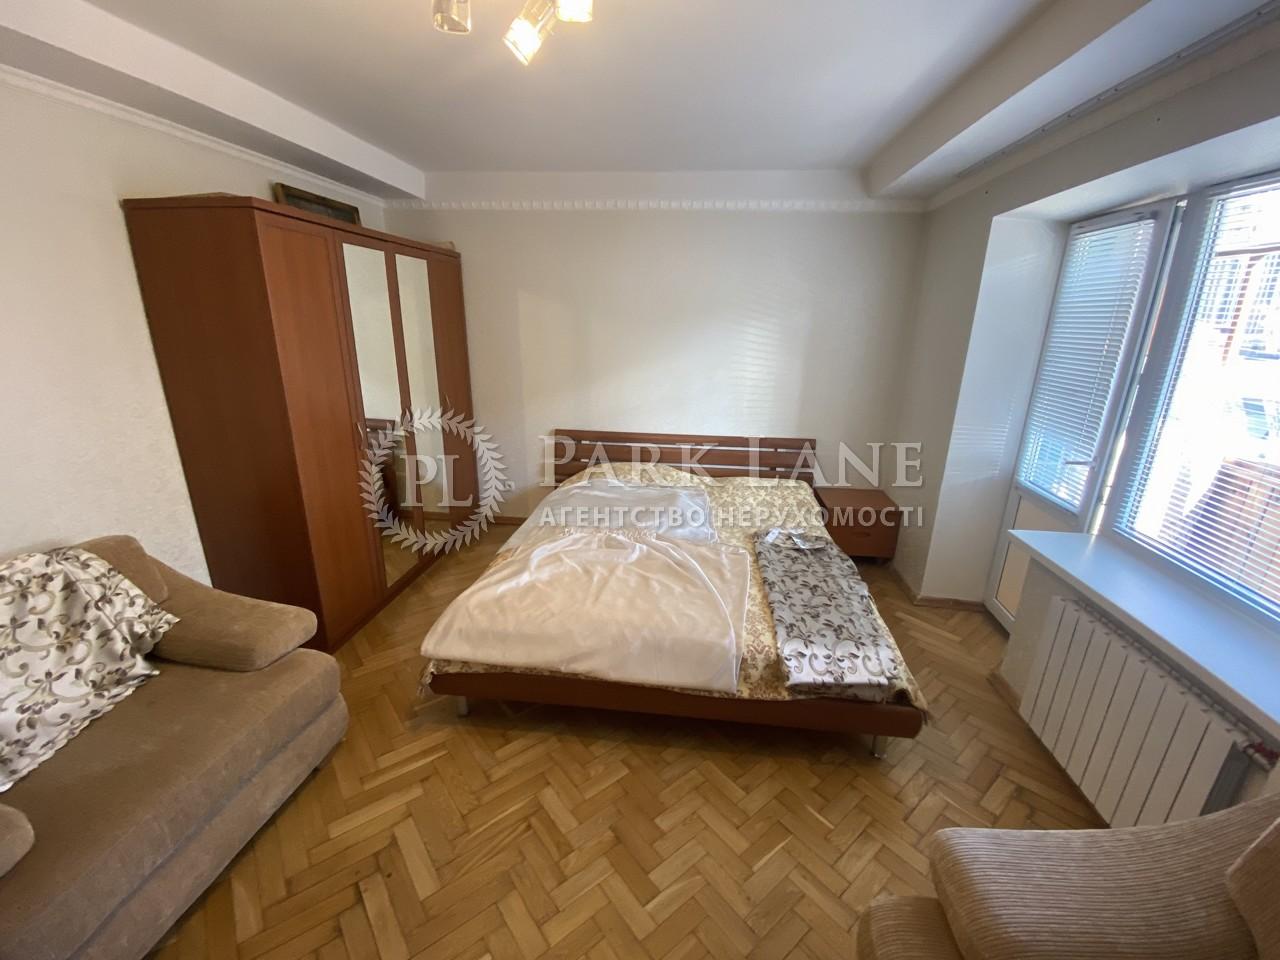 Квартира вул. Велика Васильківська, 112, Київ, N-16071 - Фото 4